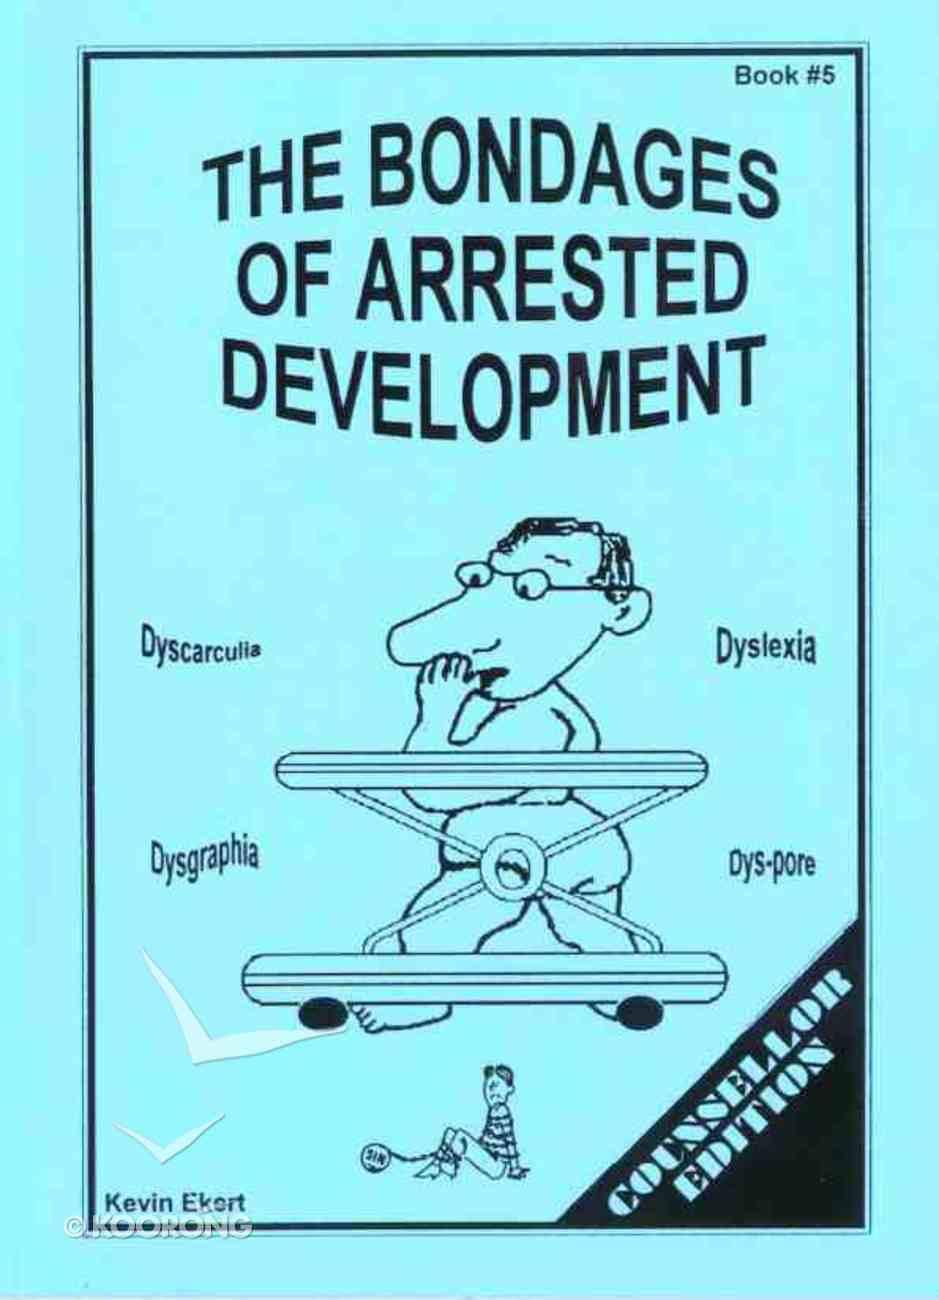 The Bondages of Arrested Development Paperback